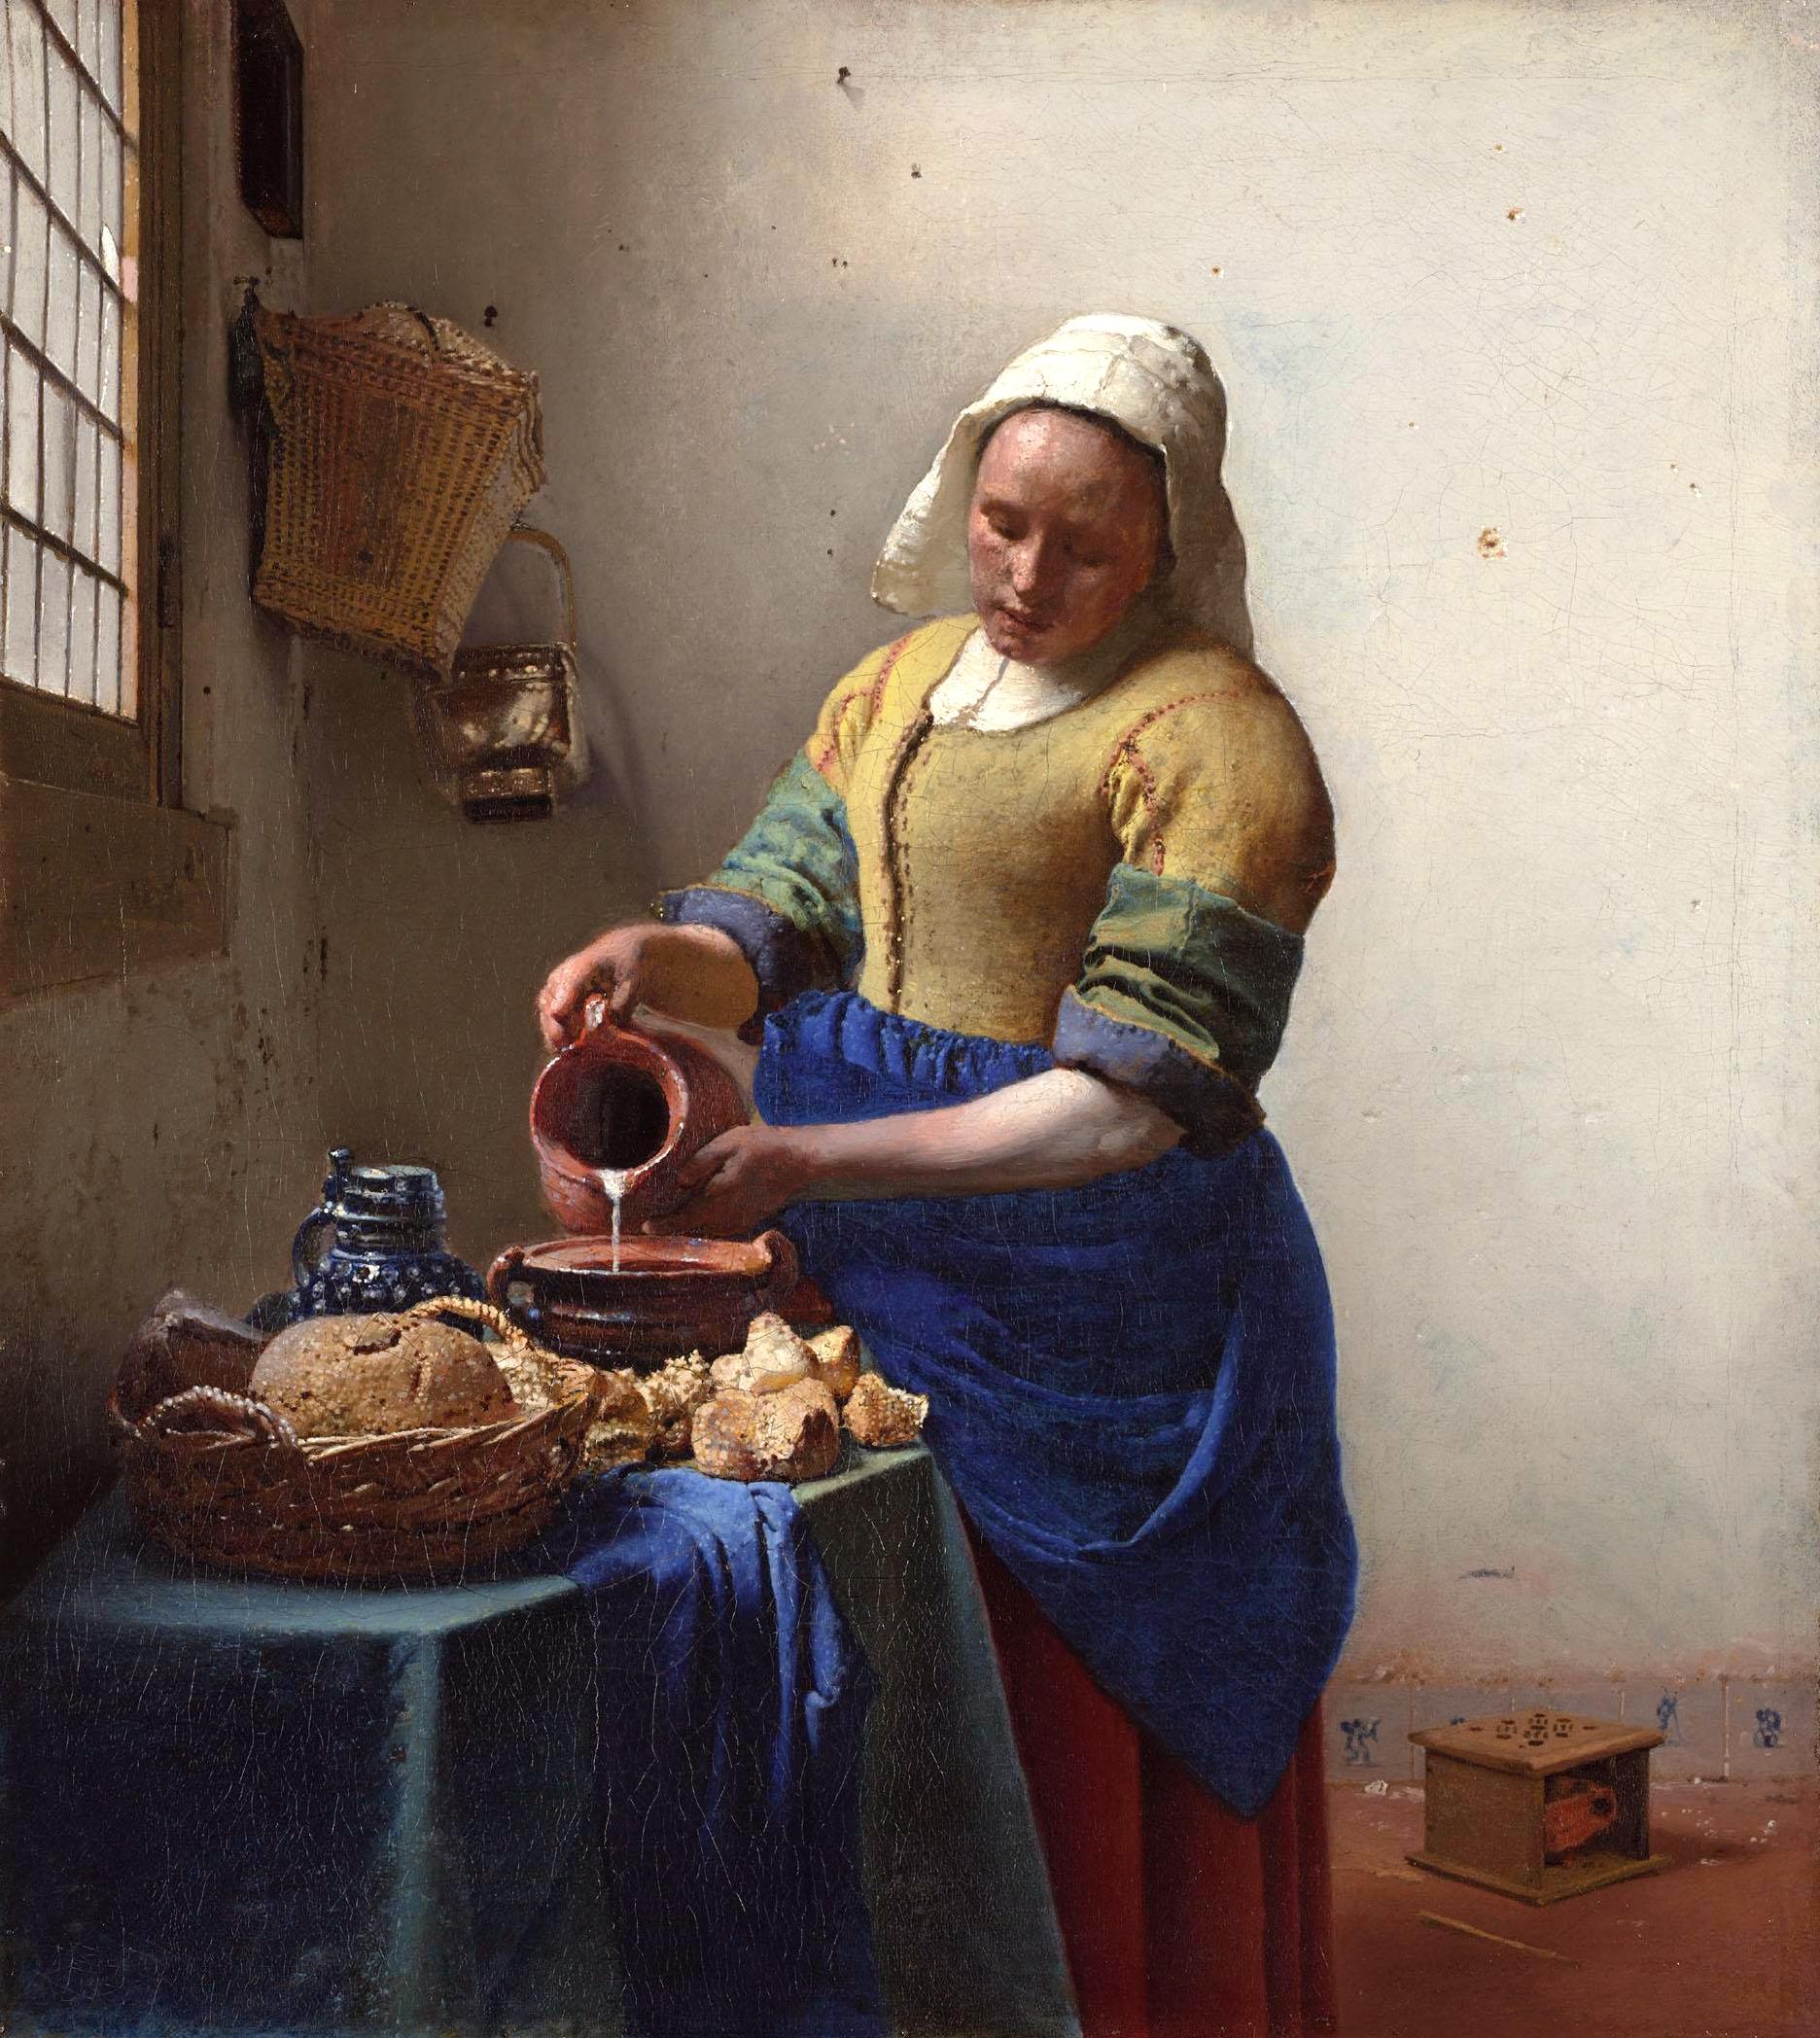 Holenderskie malarstwo przedstawia często prawdziwą idyllę. Ale czy rzeczywiście życie niższych klas było tak beztroskie, jak wynikałoby z obrazów Vermeera i innych mistrzów pędzla?